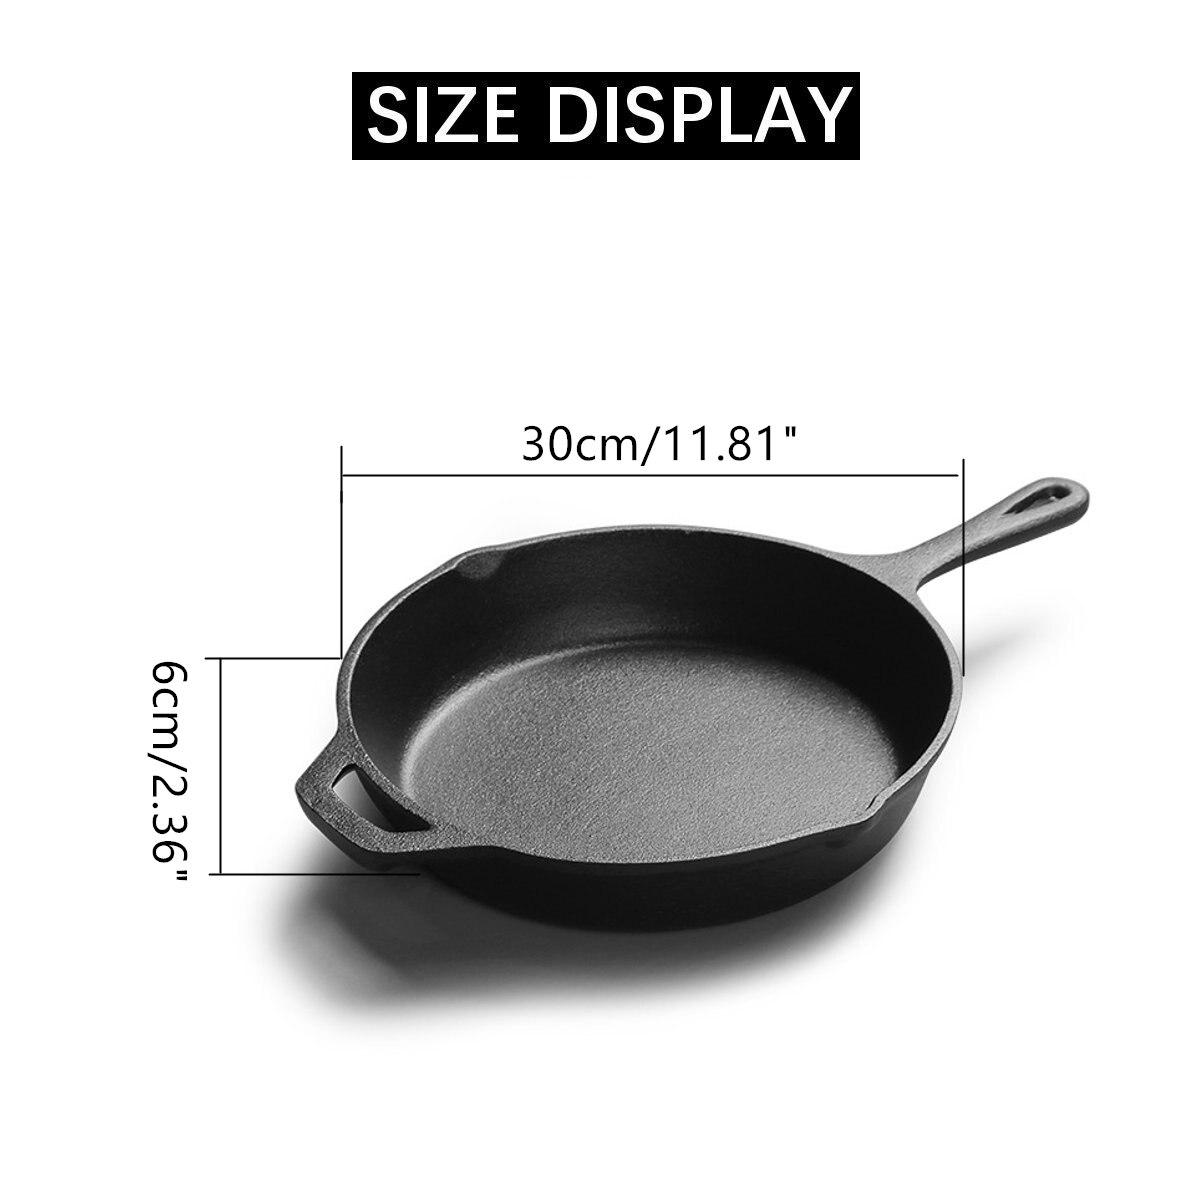 Poêle en fonte antiadhésive poêle multi-usages poêle à crêpes Steak Grill casserole marmite ustensiles de cuisine outils de cuisson - 6